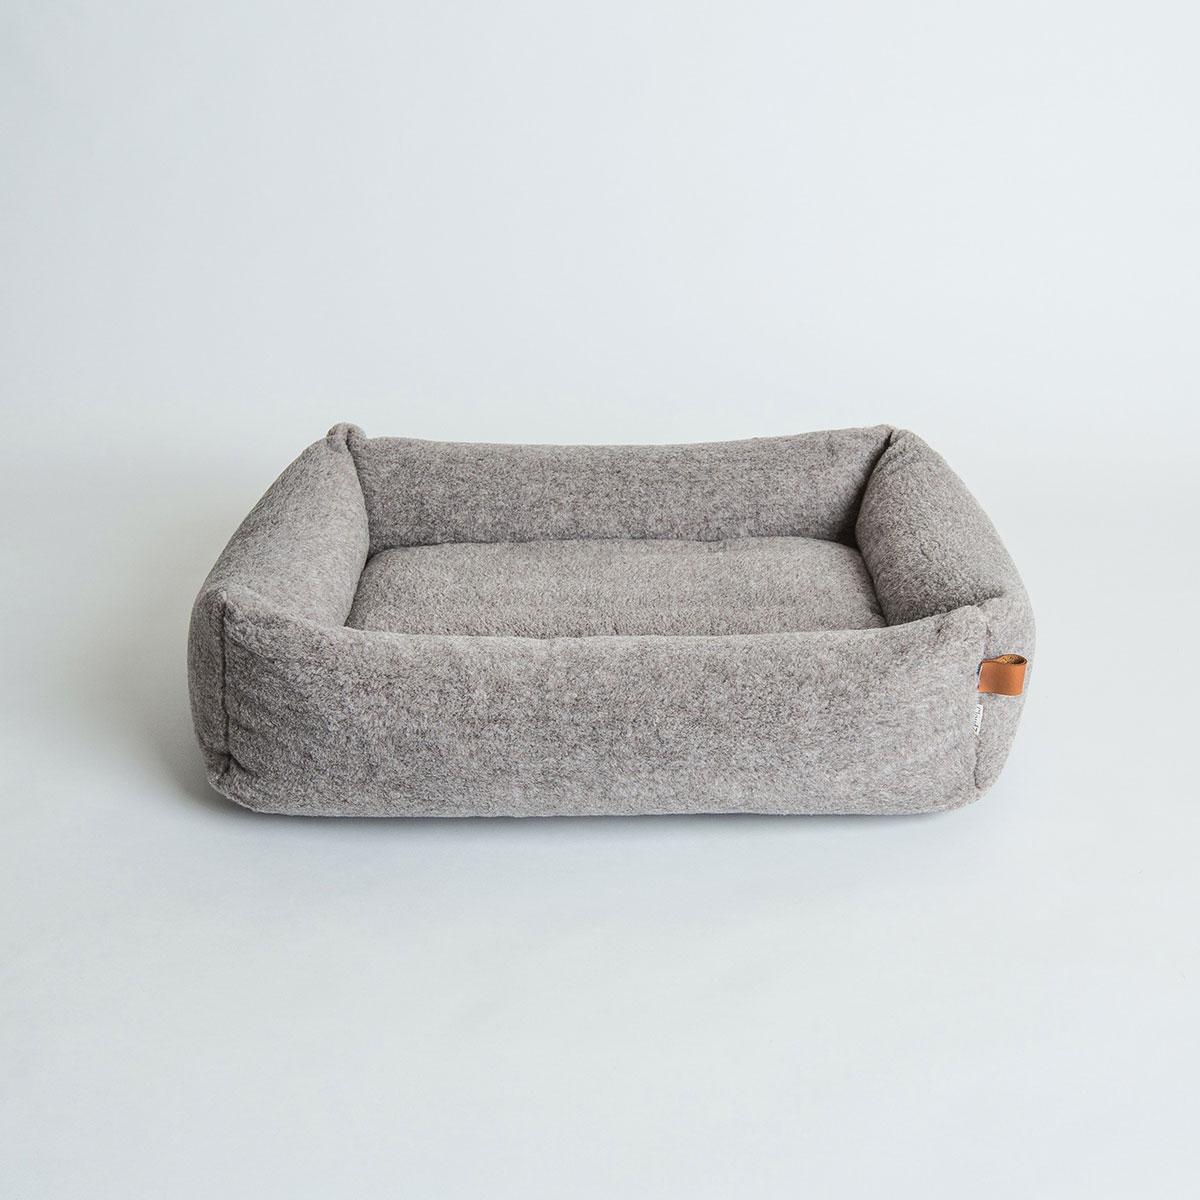 hundekurv-cloud7-sleepy-deluxe-teddy2